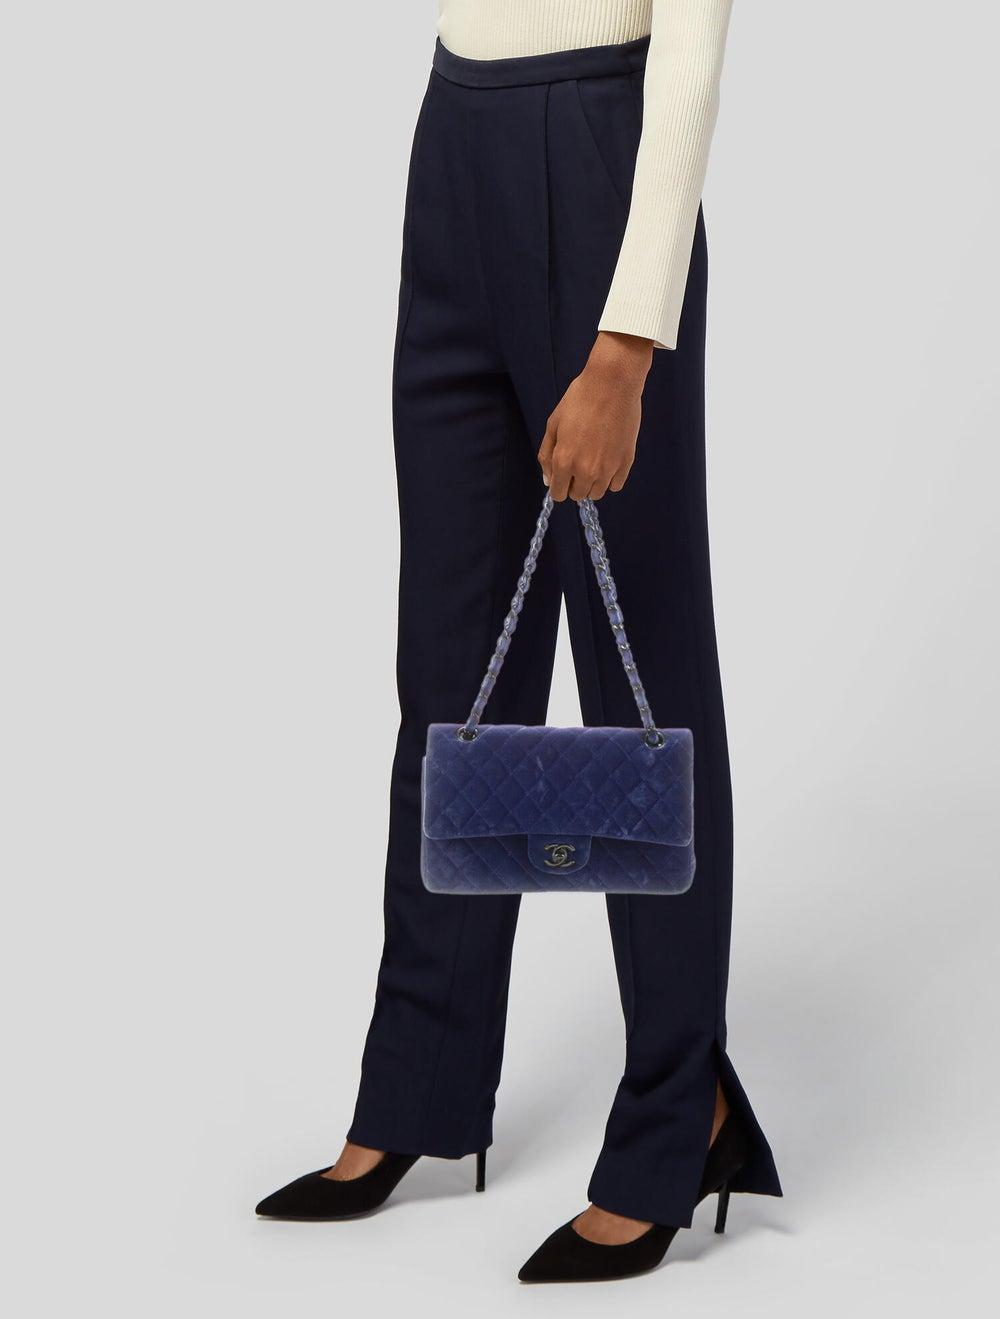 Chanel Velvet Medium Double Flap Bag Blue - image 2